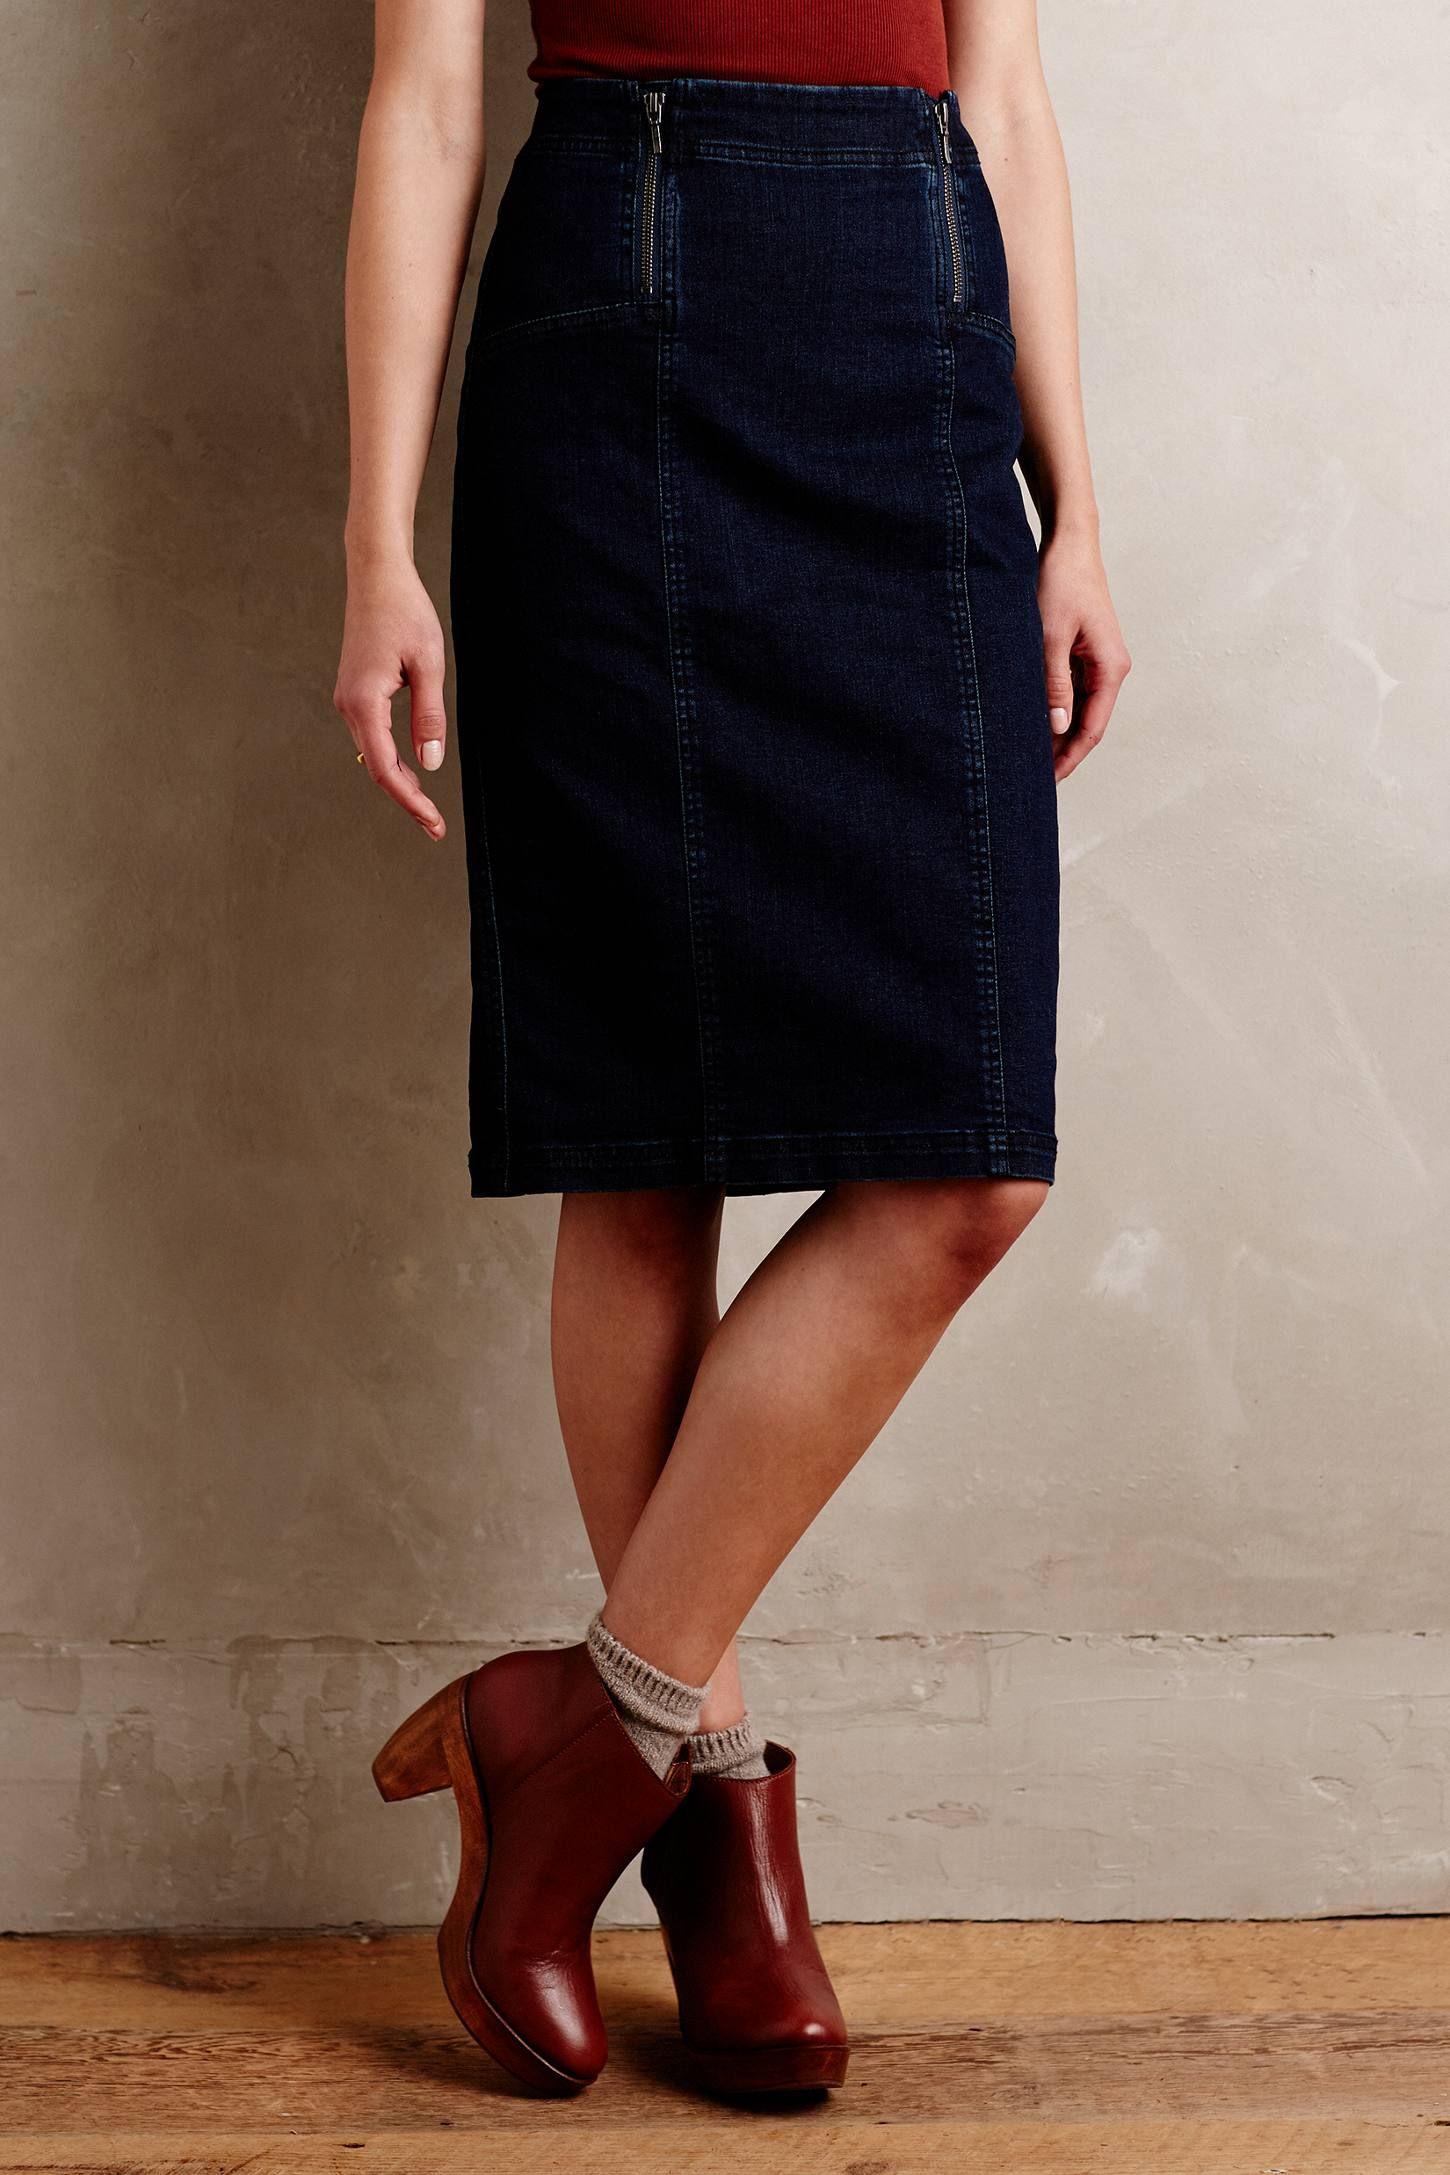 Pilcro Denim Pencil Skirt - anthropologie.com